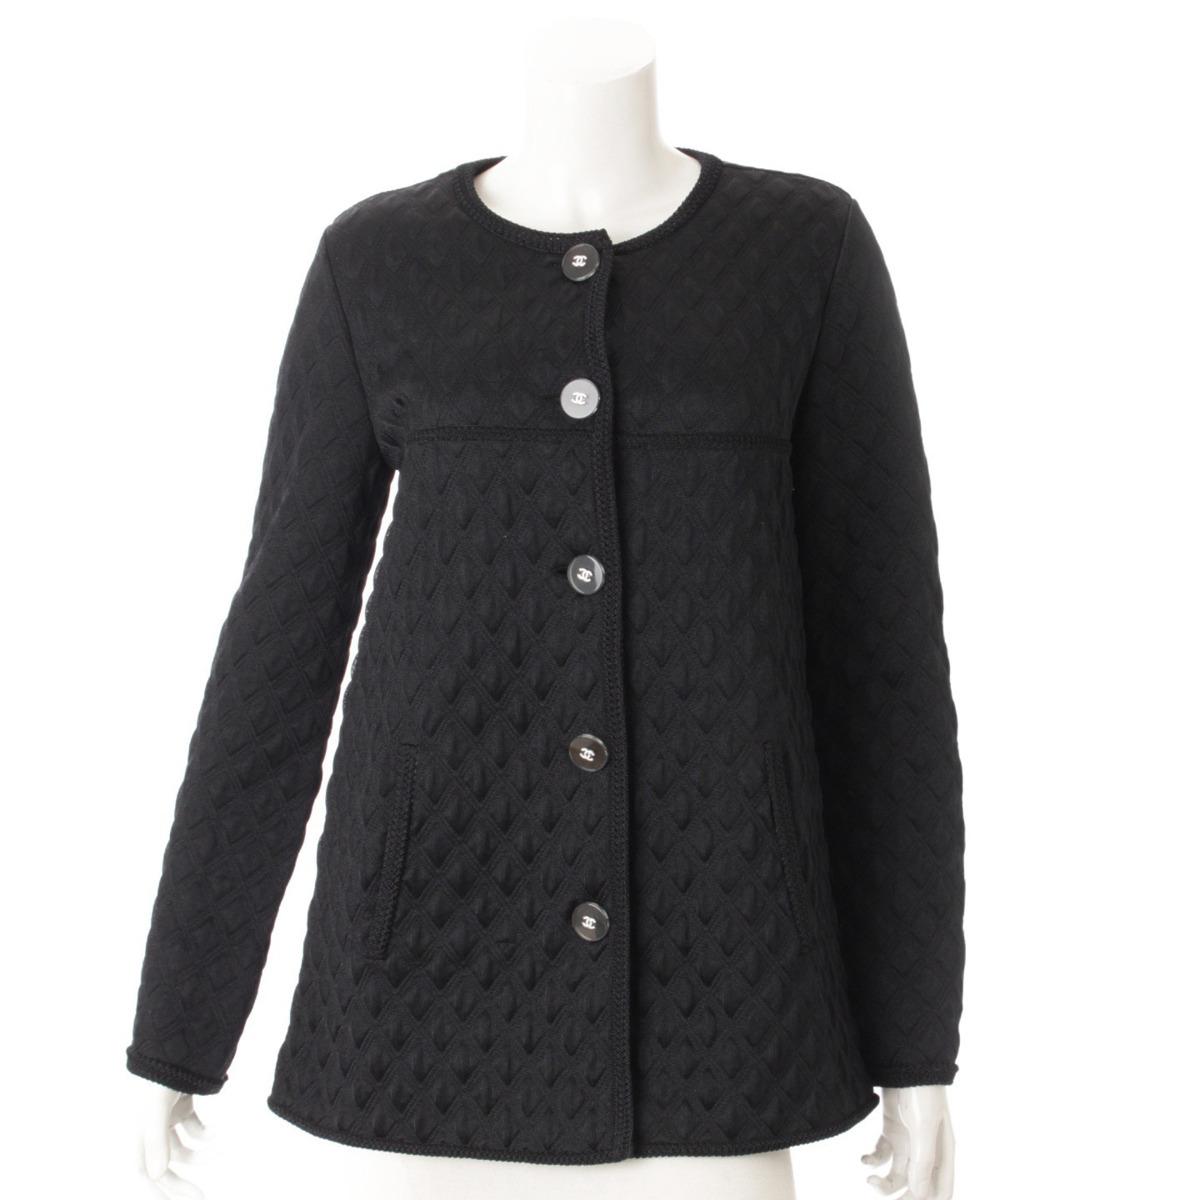 【シャネル】Chanel 17A シルク混 キルティング ノーカラージャケット P57087 ブラック 38 【中古】【鑑定済・正規品保証】54036